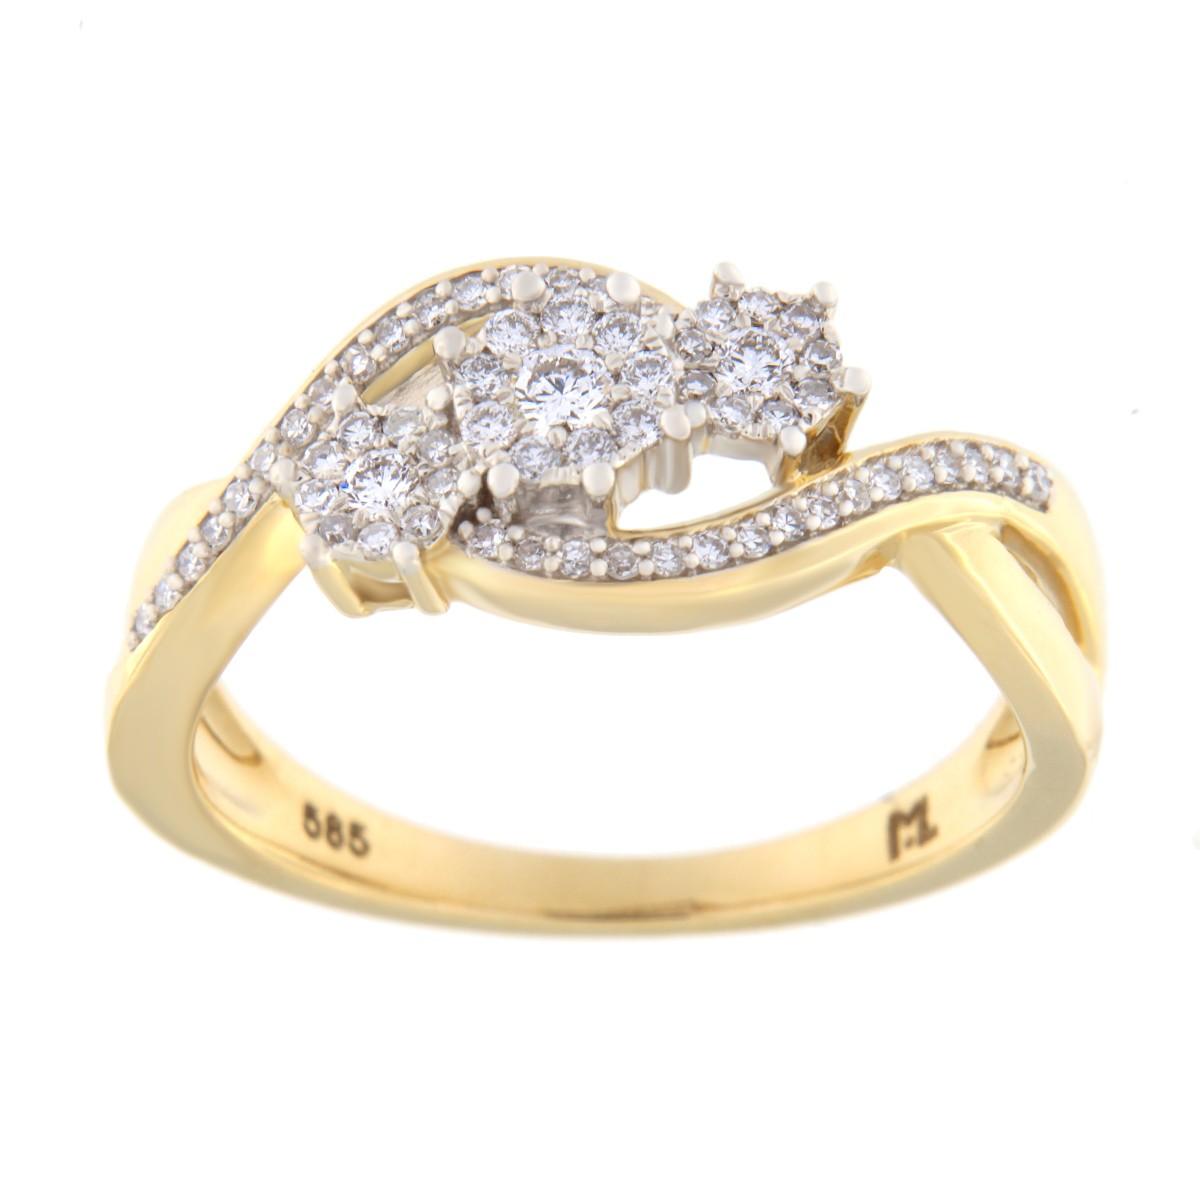 Kullast sõrmus teemantiga 0,25 ct. Kood: 102he